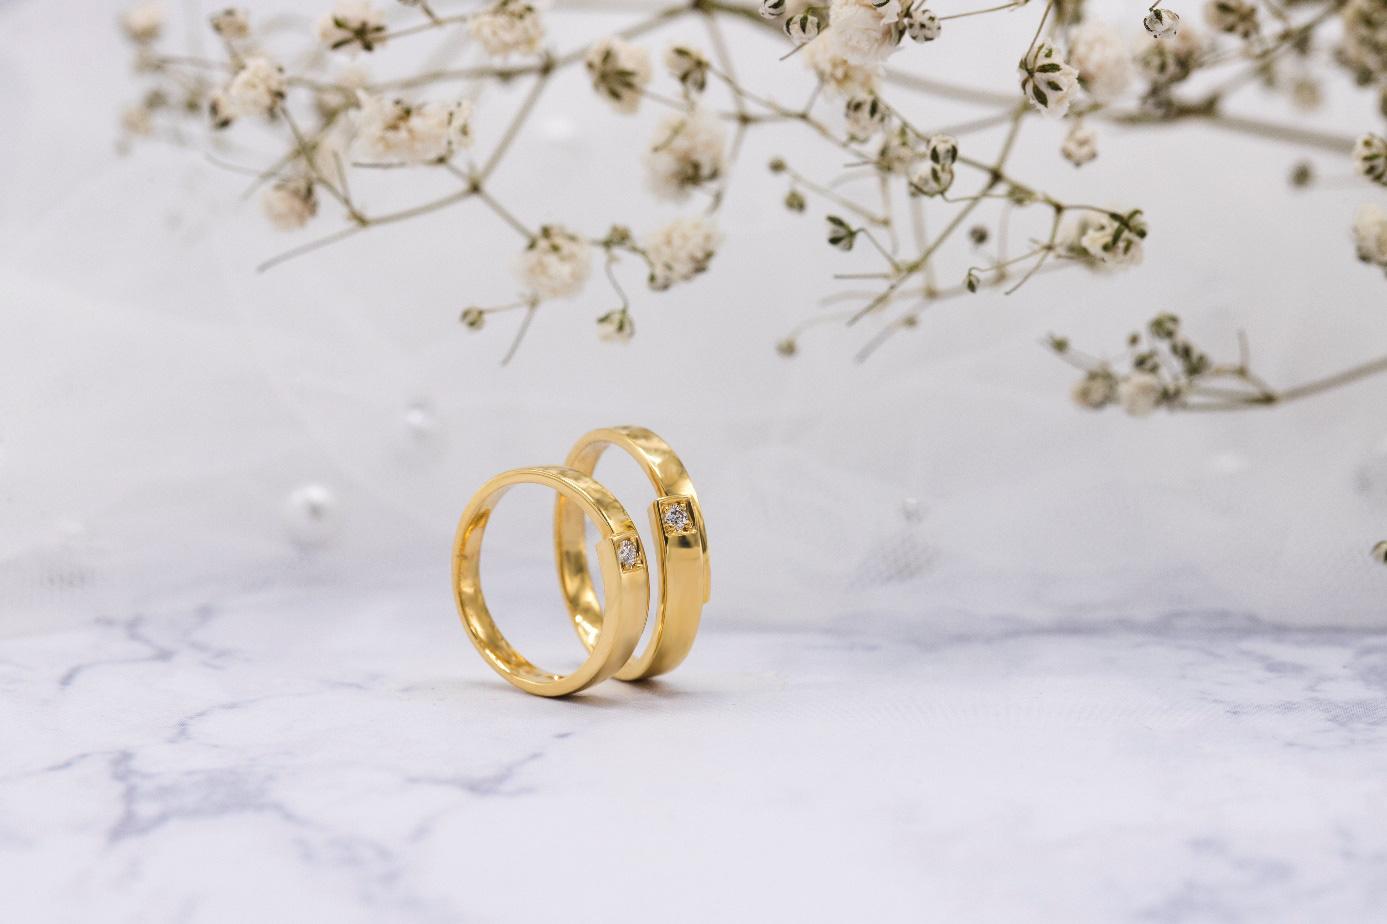 Xu hướng nhẫn cưới đơn giản và tinh tế lên ngôi đầu năm 2021 - Ảnh 3.